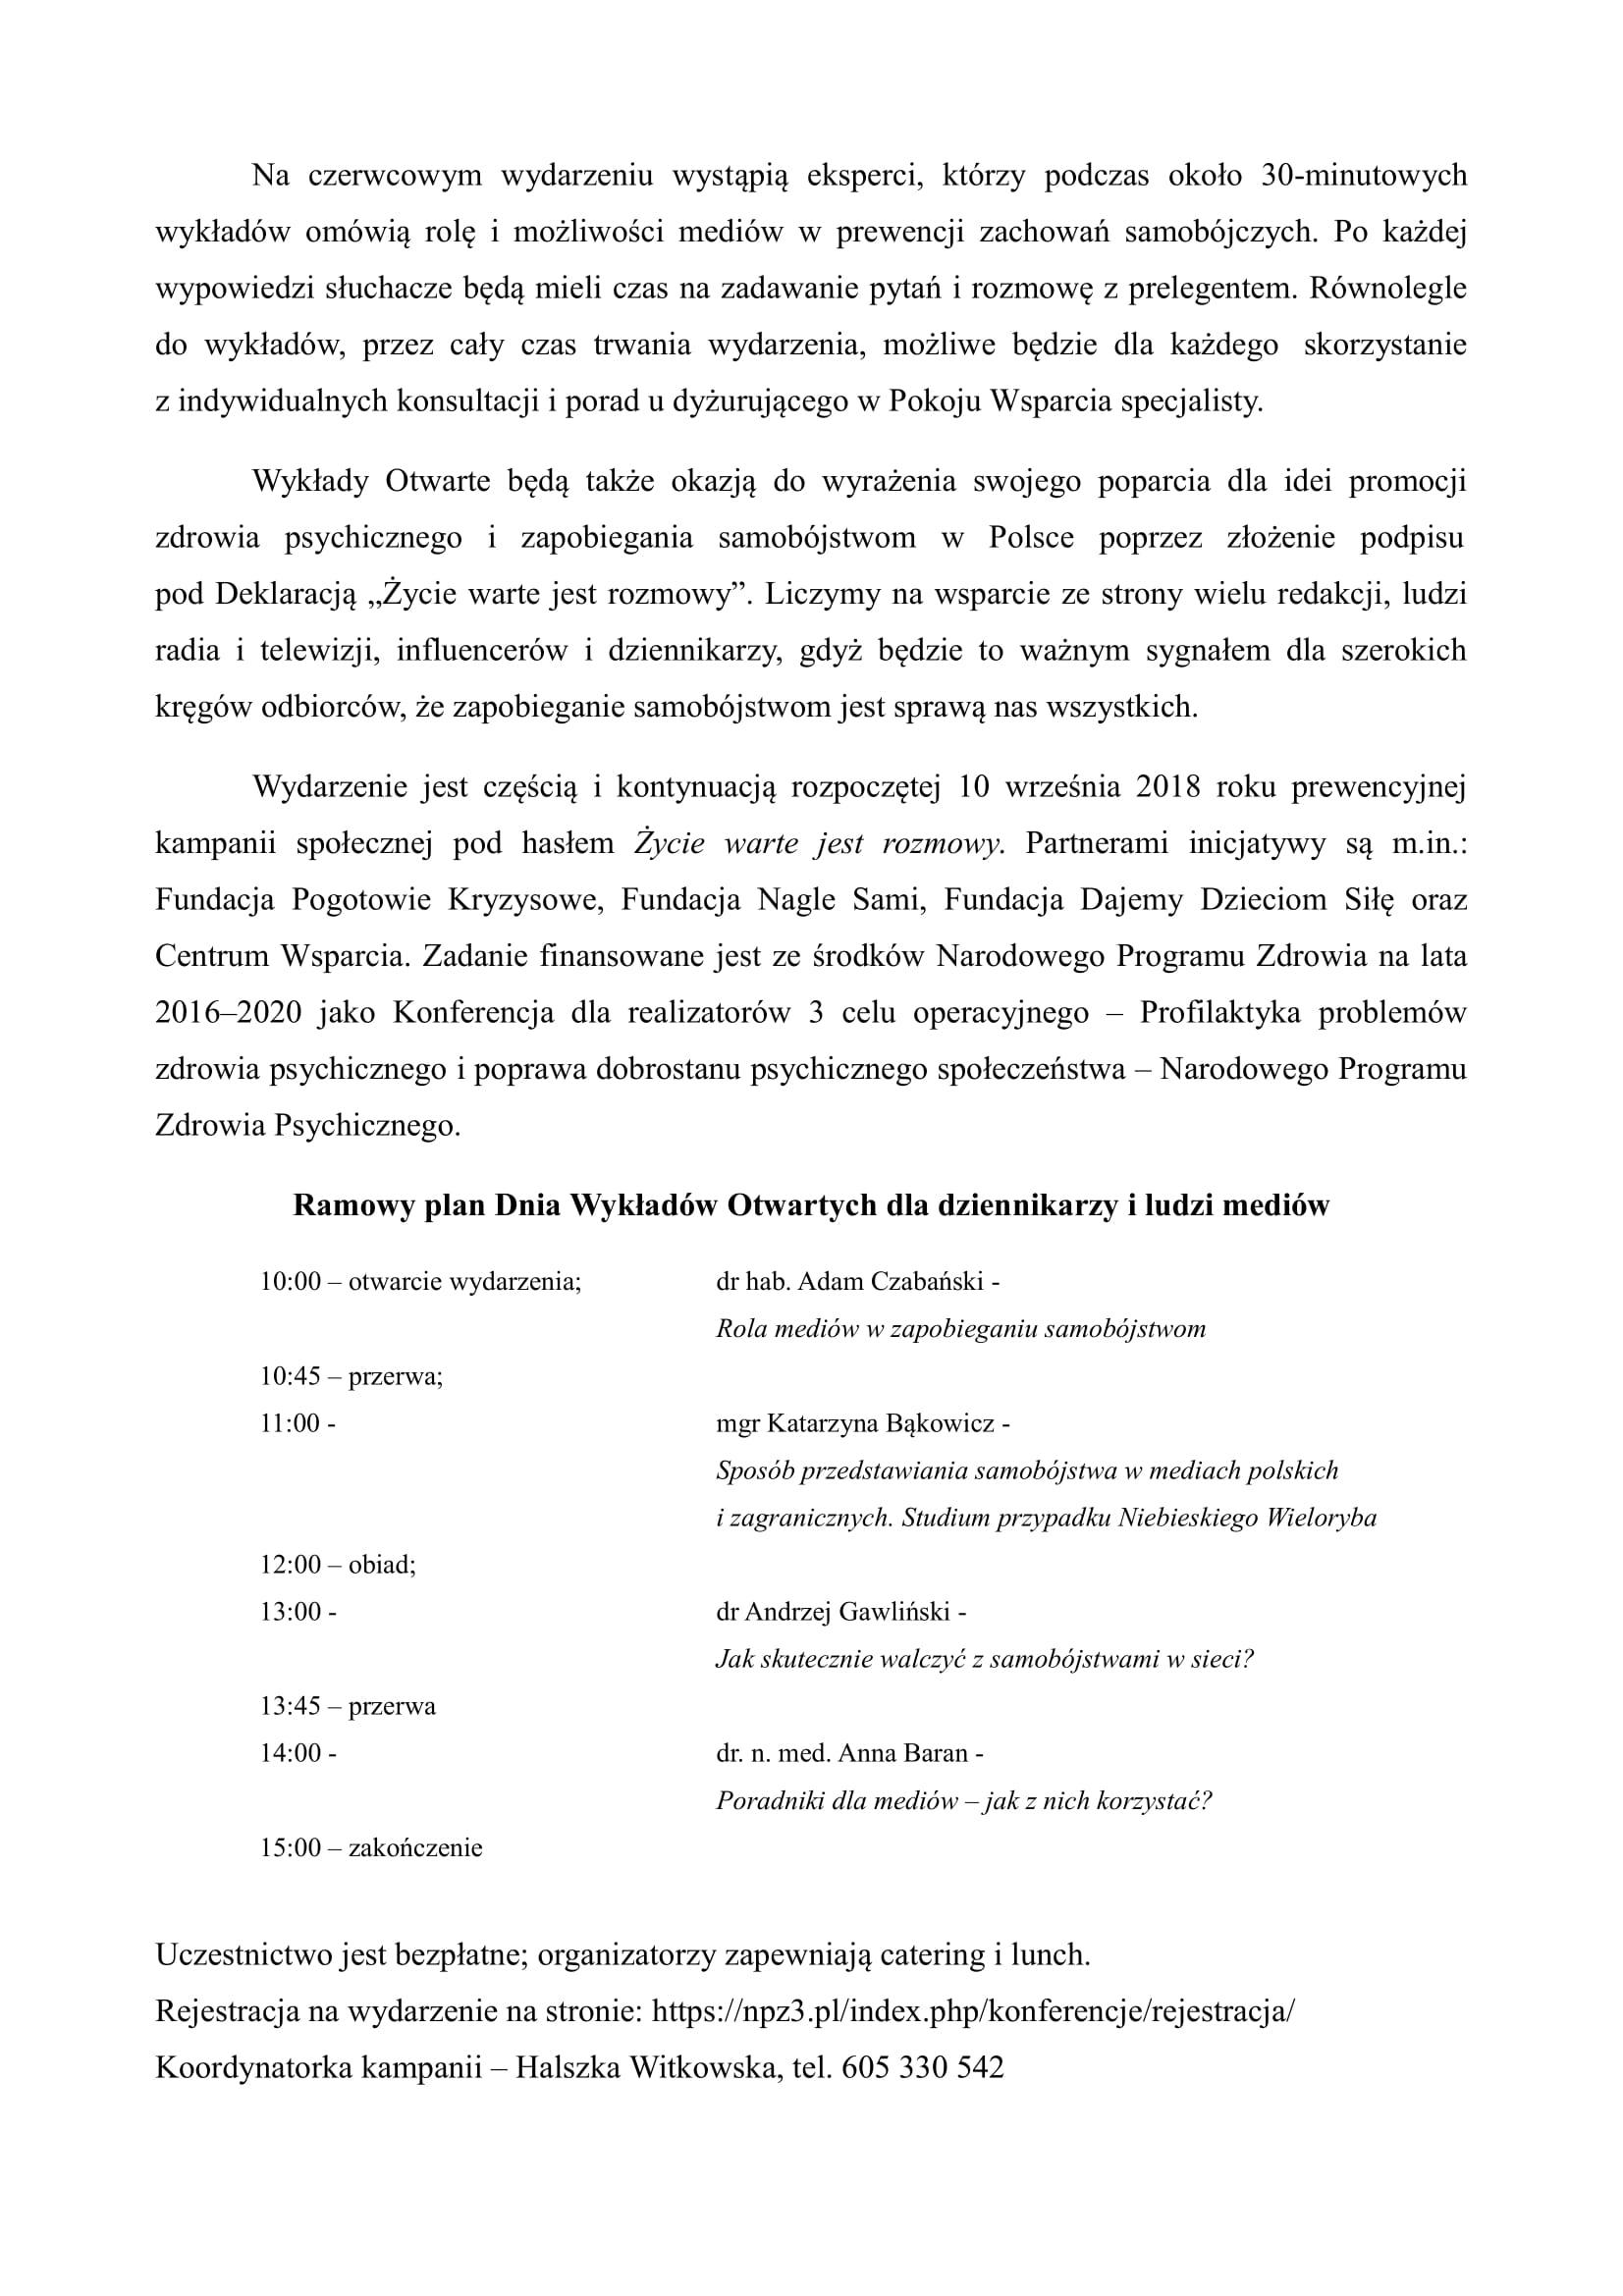 zaproszenie edit 3.0-2